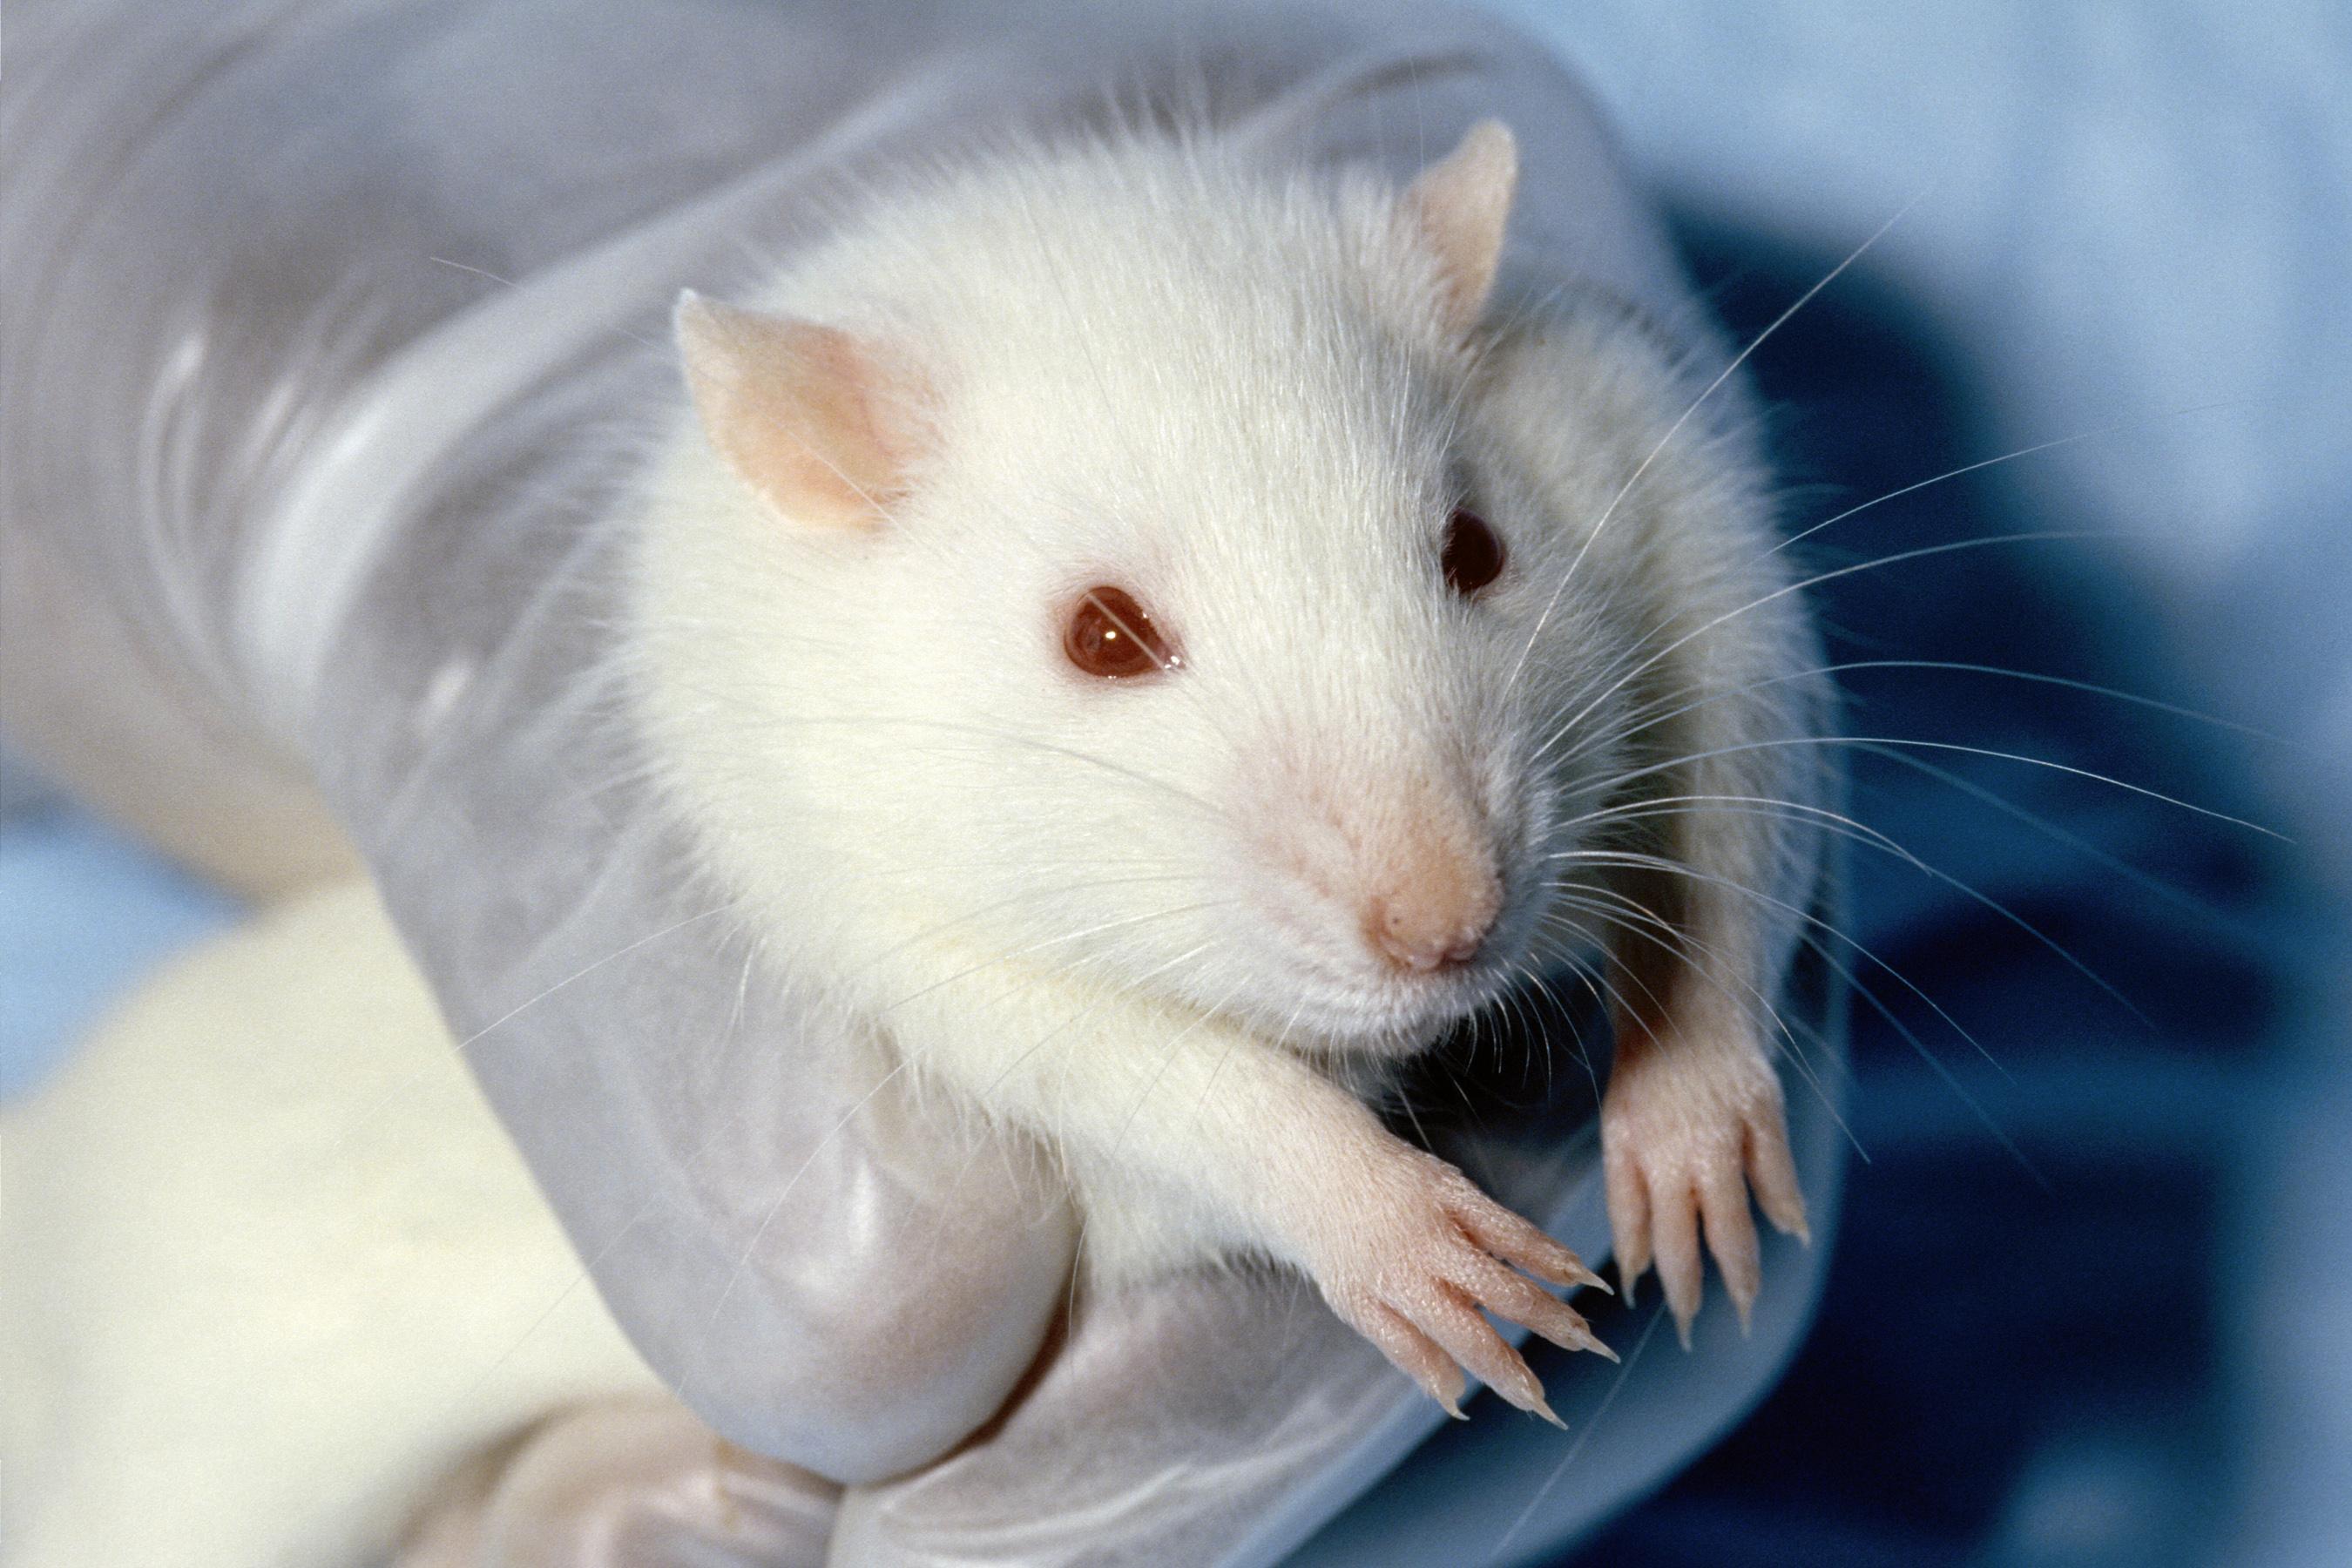 Denna råtta, som använts i ett djurförsök, har onekligen vissa fundamentala rättigheter. Men hur viktiga är dem? Var går de etiska gränserna i förhållande till vår förmåga att rädda människoliv?